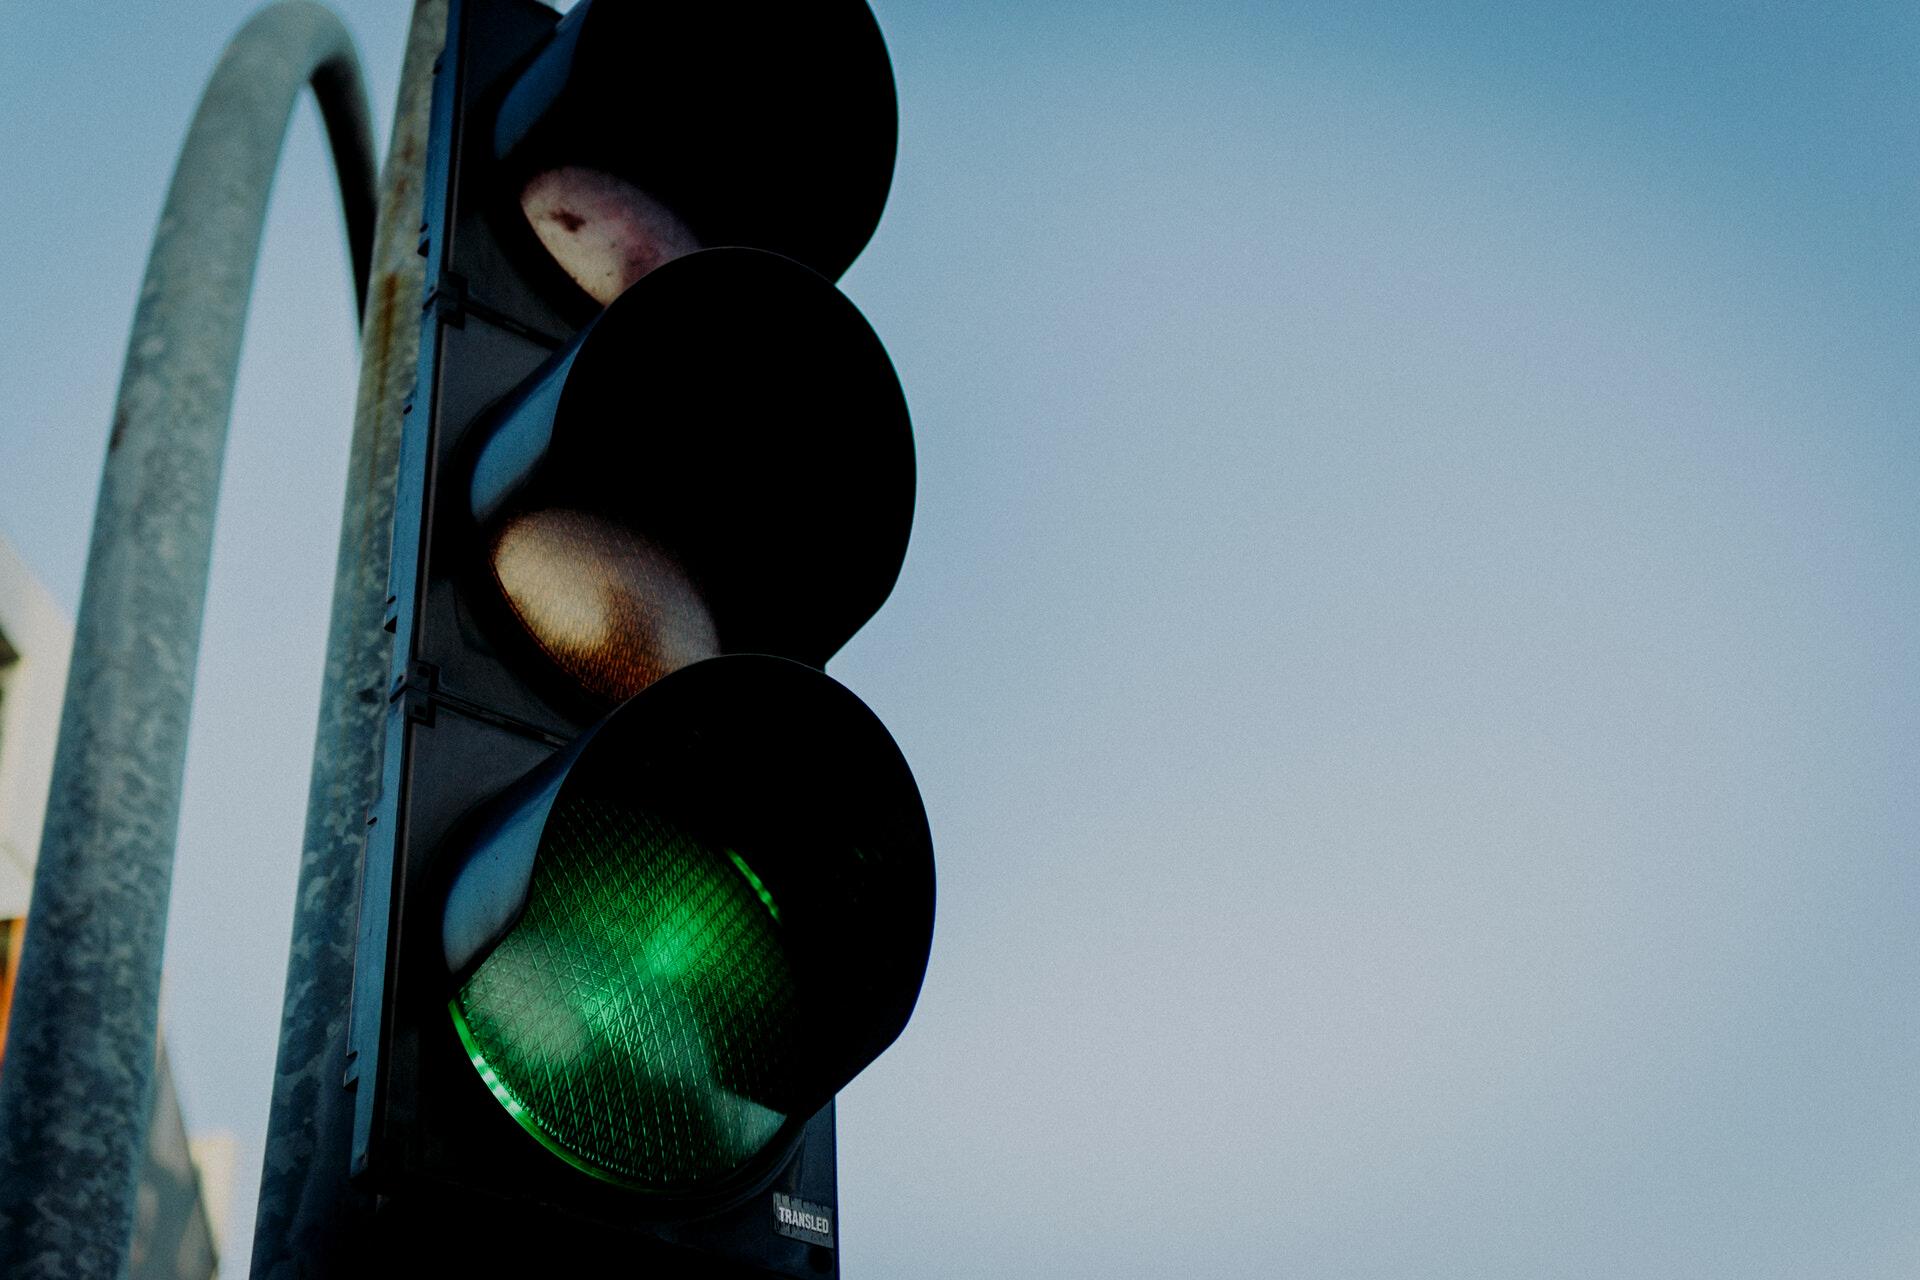 Tráfico no puede multar sin identificar al conductor